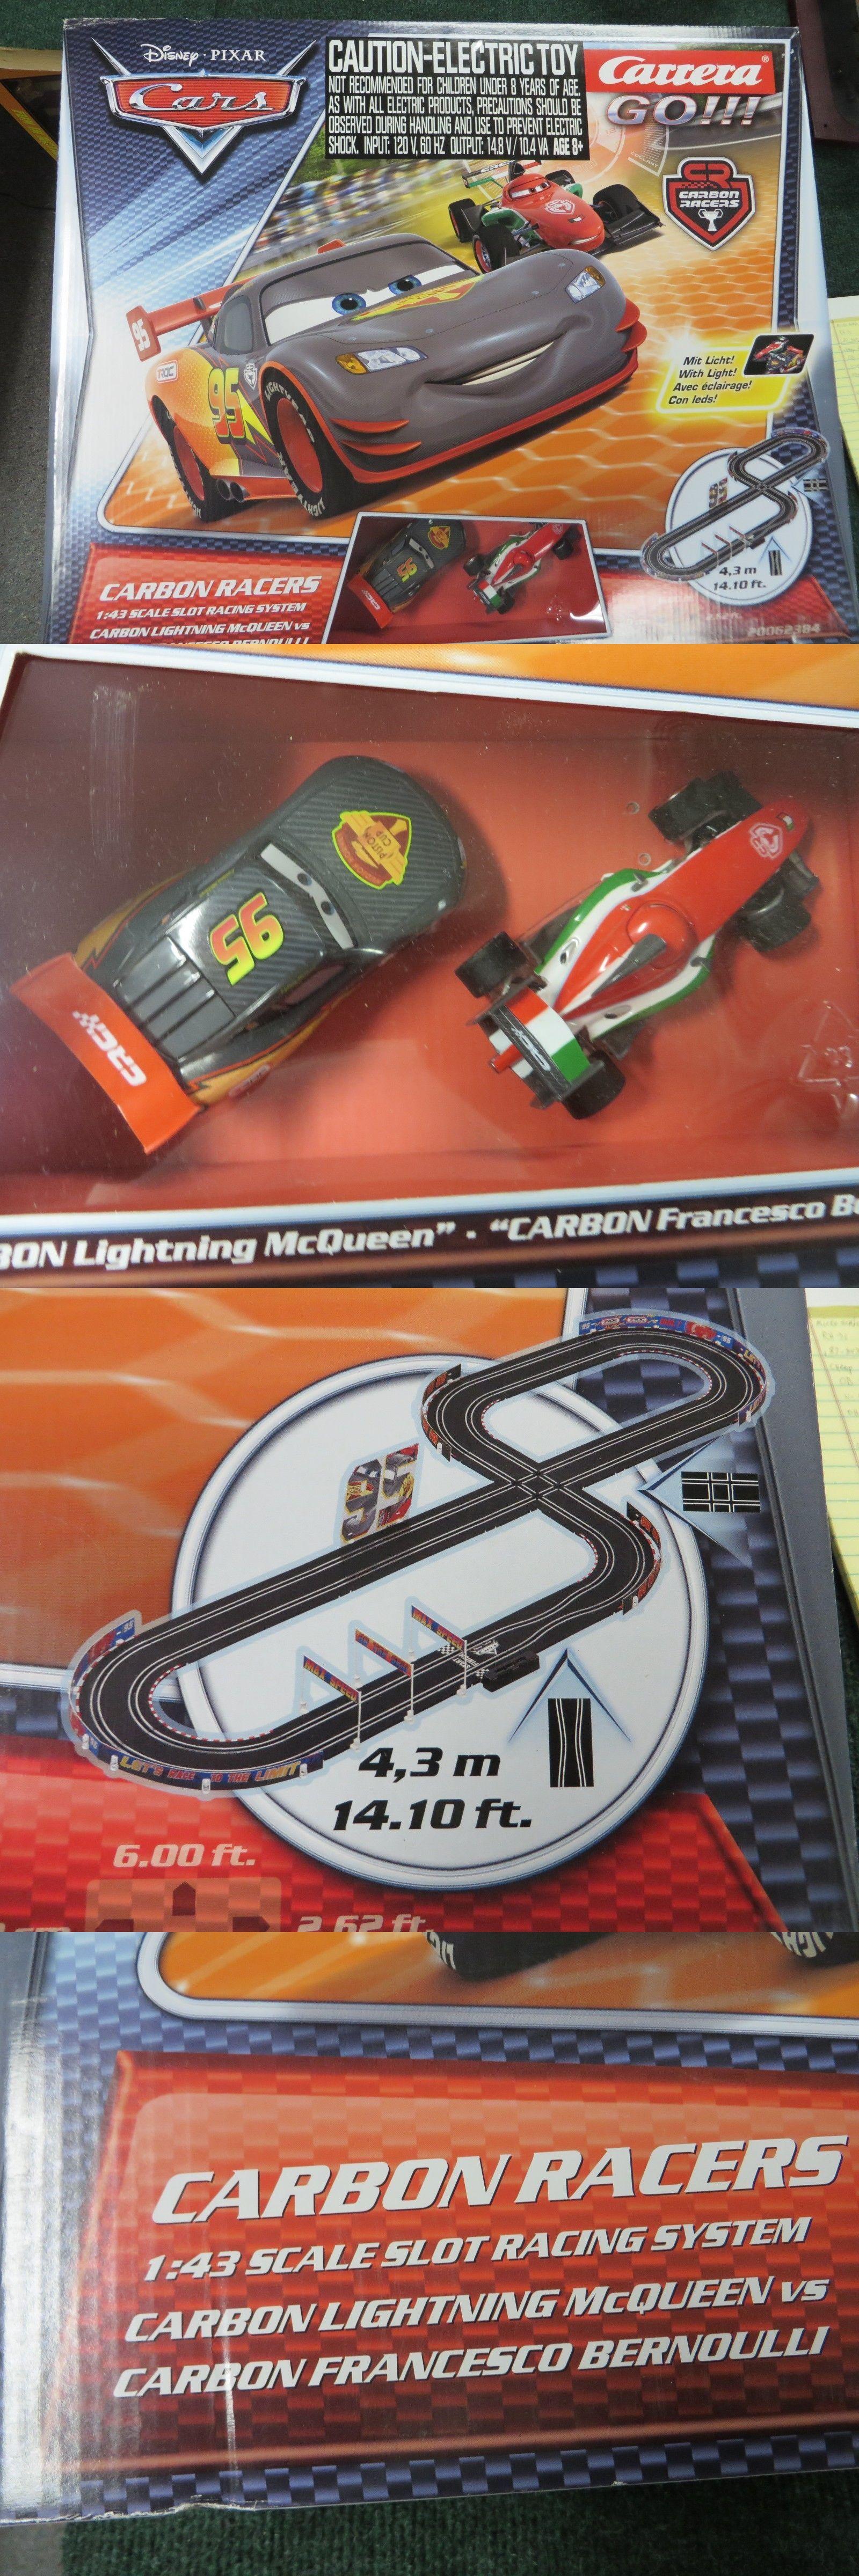 Carrera Disney Pixar 1 43 Carbon Racers Go Mcqueen Bernoulli Pixar Disney Pixar Slot Car Racing Sets